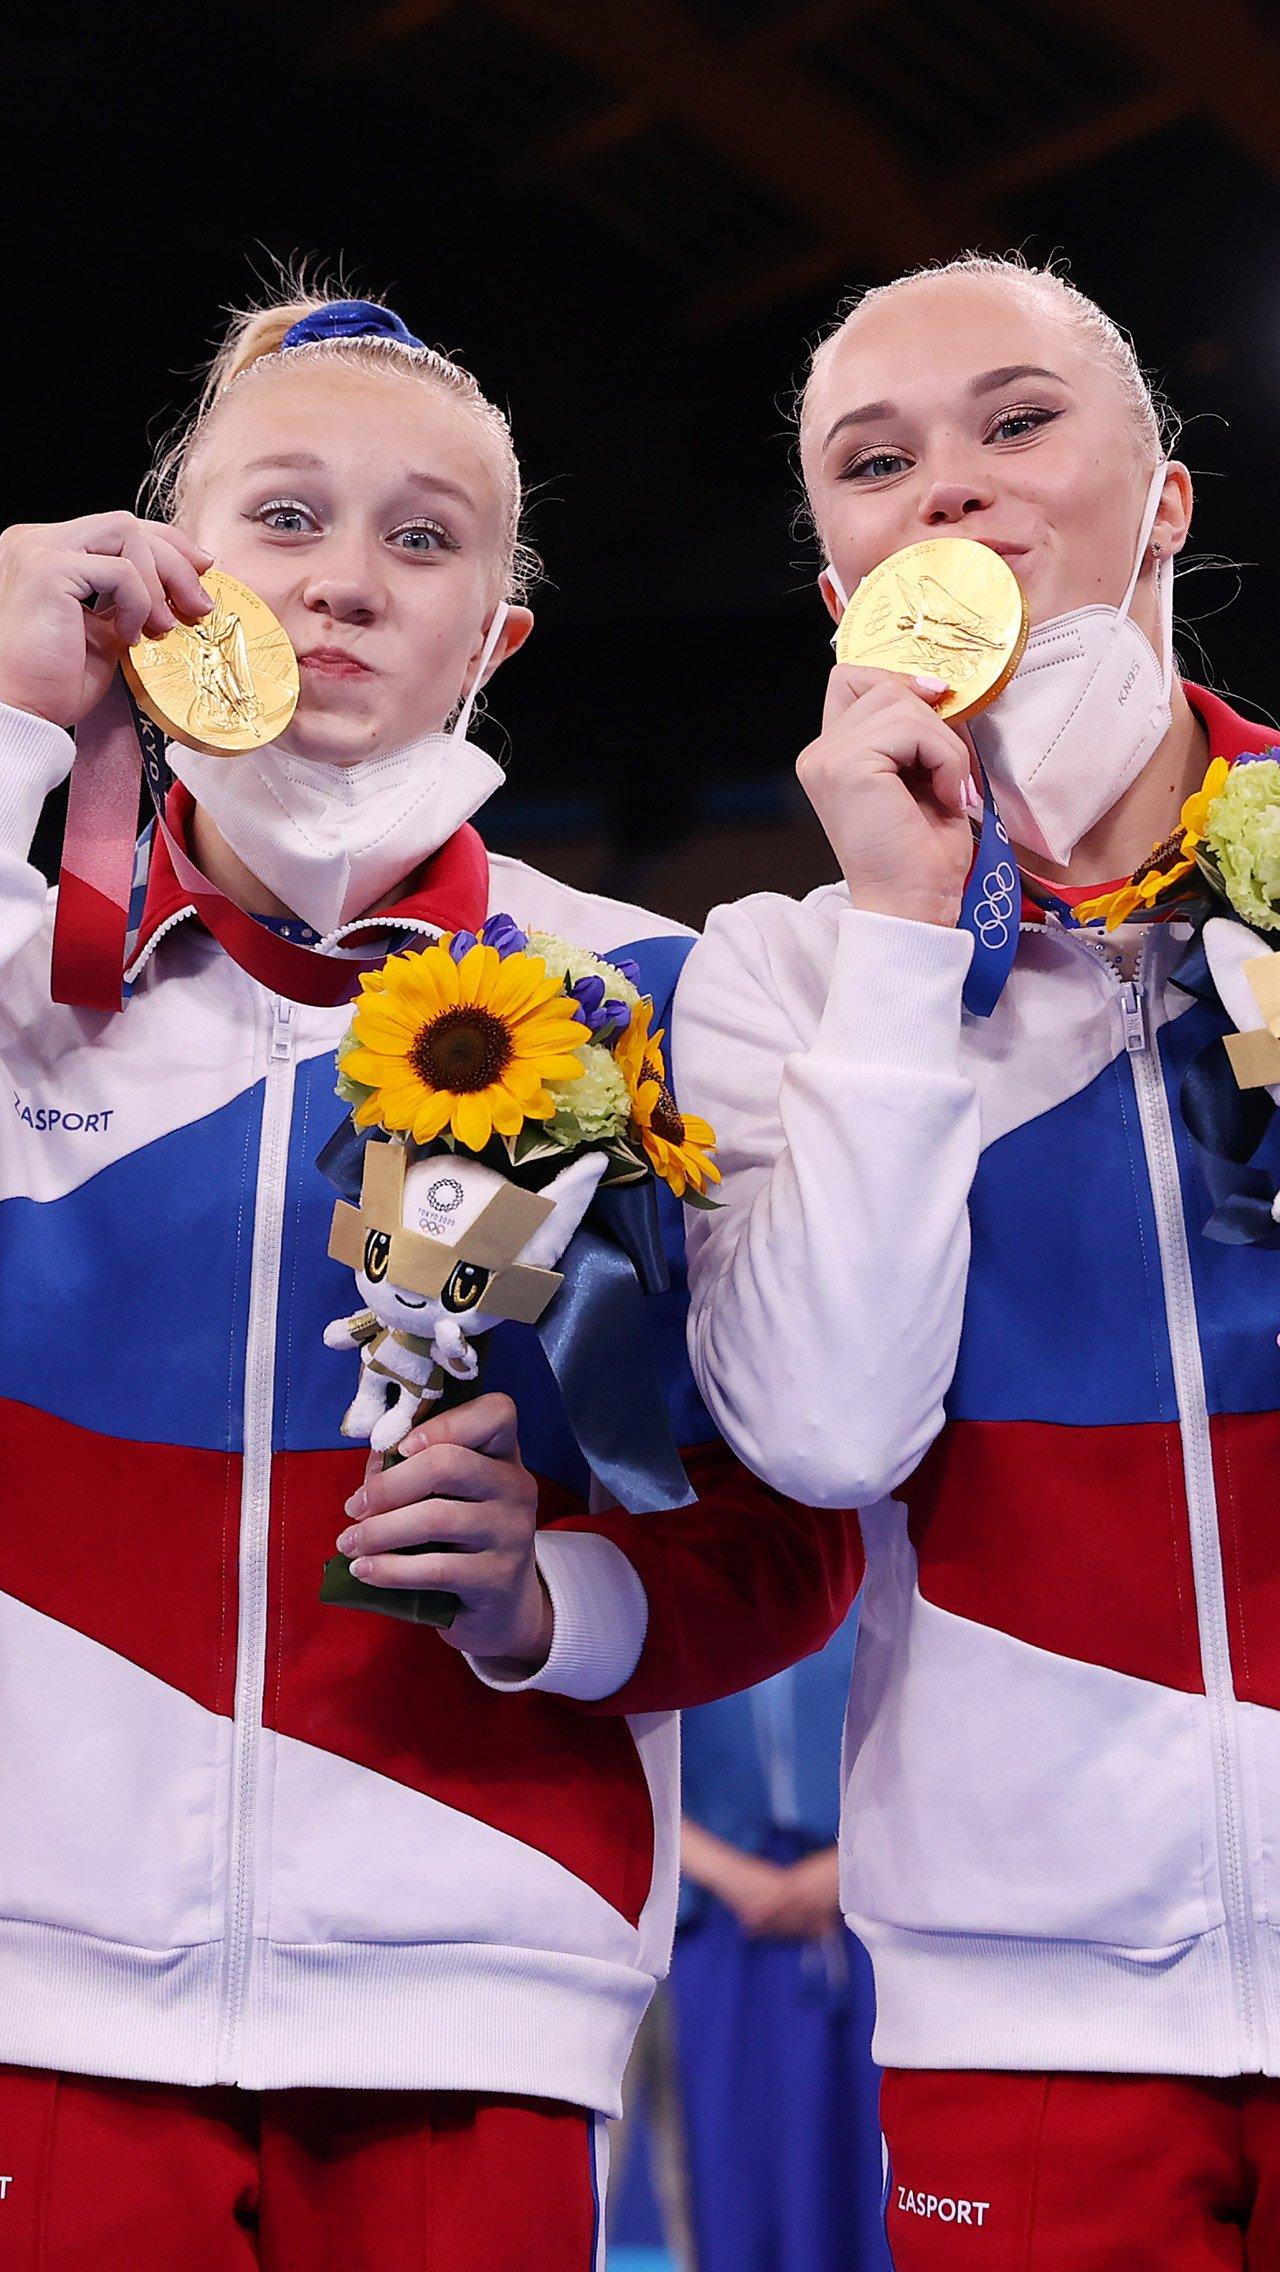 Призовые российских спортсменов с Олимпиады в Бразилии не изменились. За золотую медаль наши атлеты заработают по 4 миллиона рублей, за серебряную — 2,5, за бронзовую — 1,7.